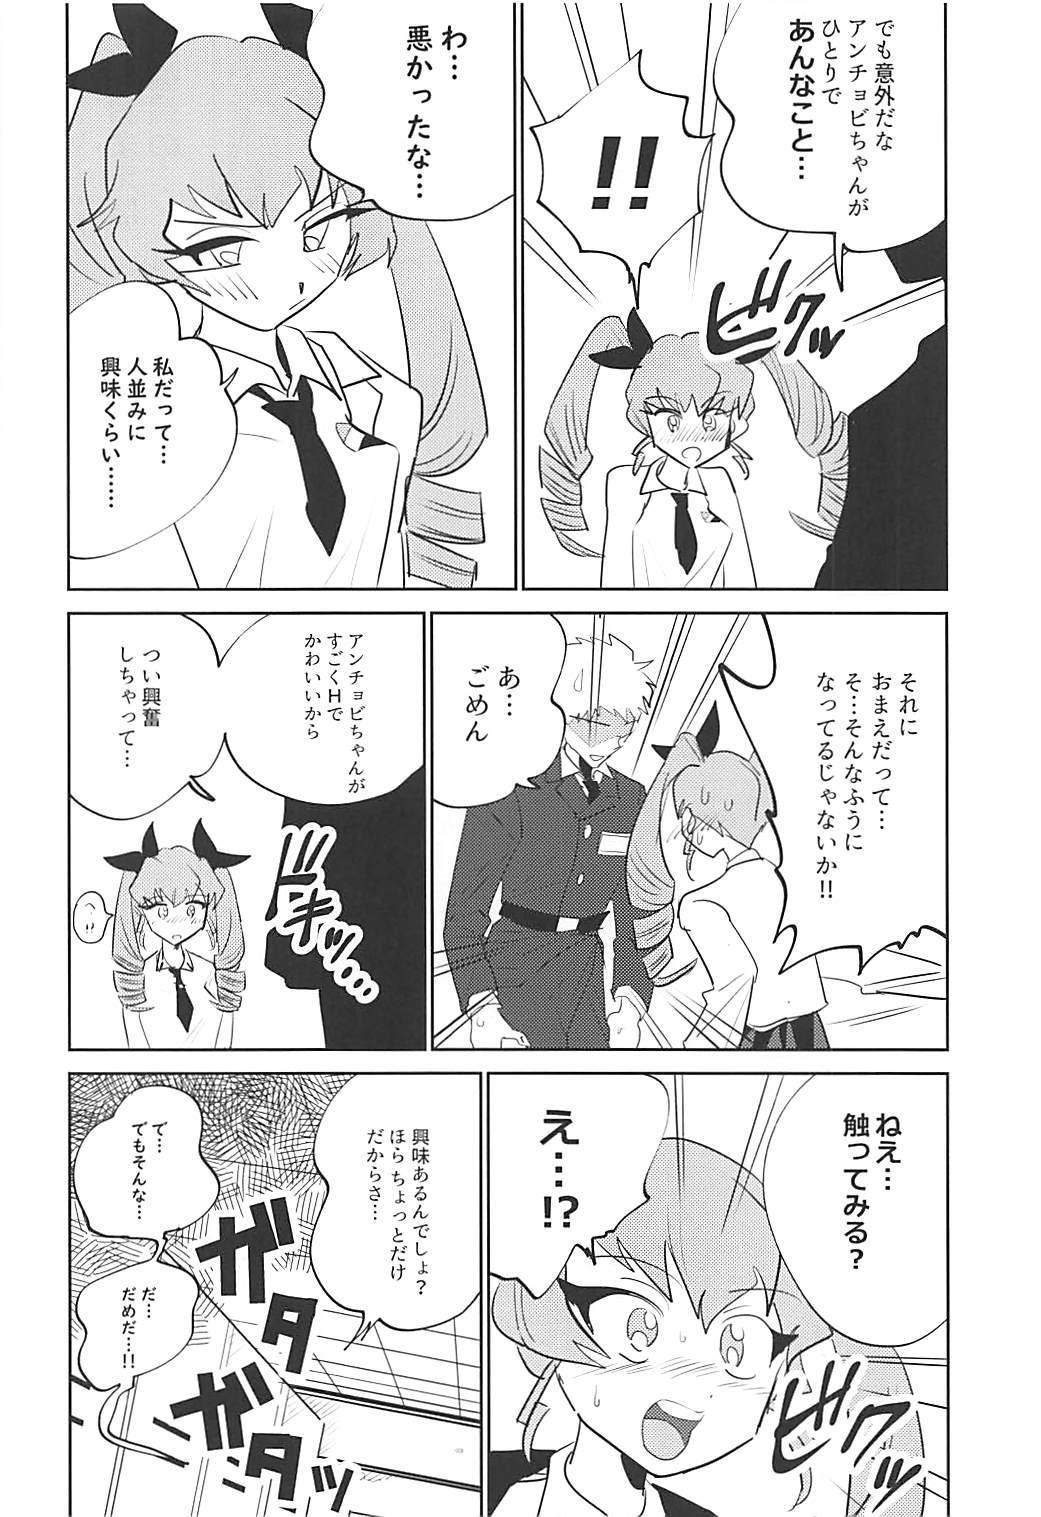 Koko ga Anzio no Kouishitsu desu 10